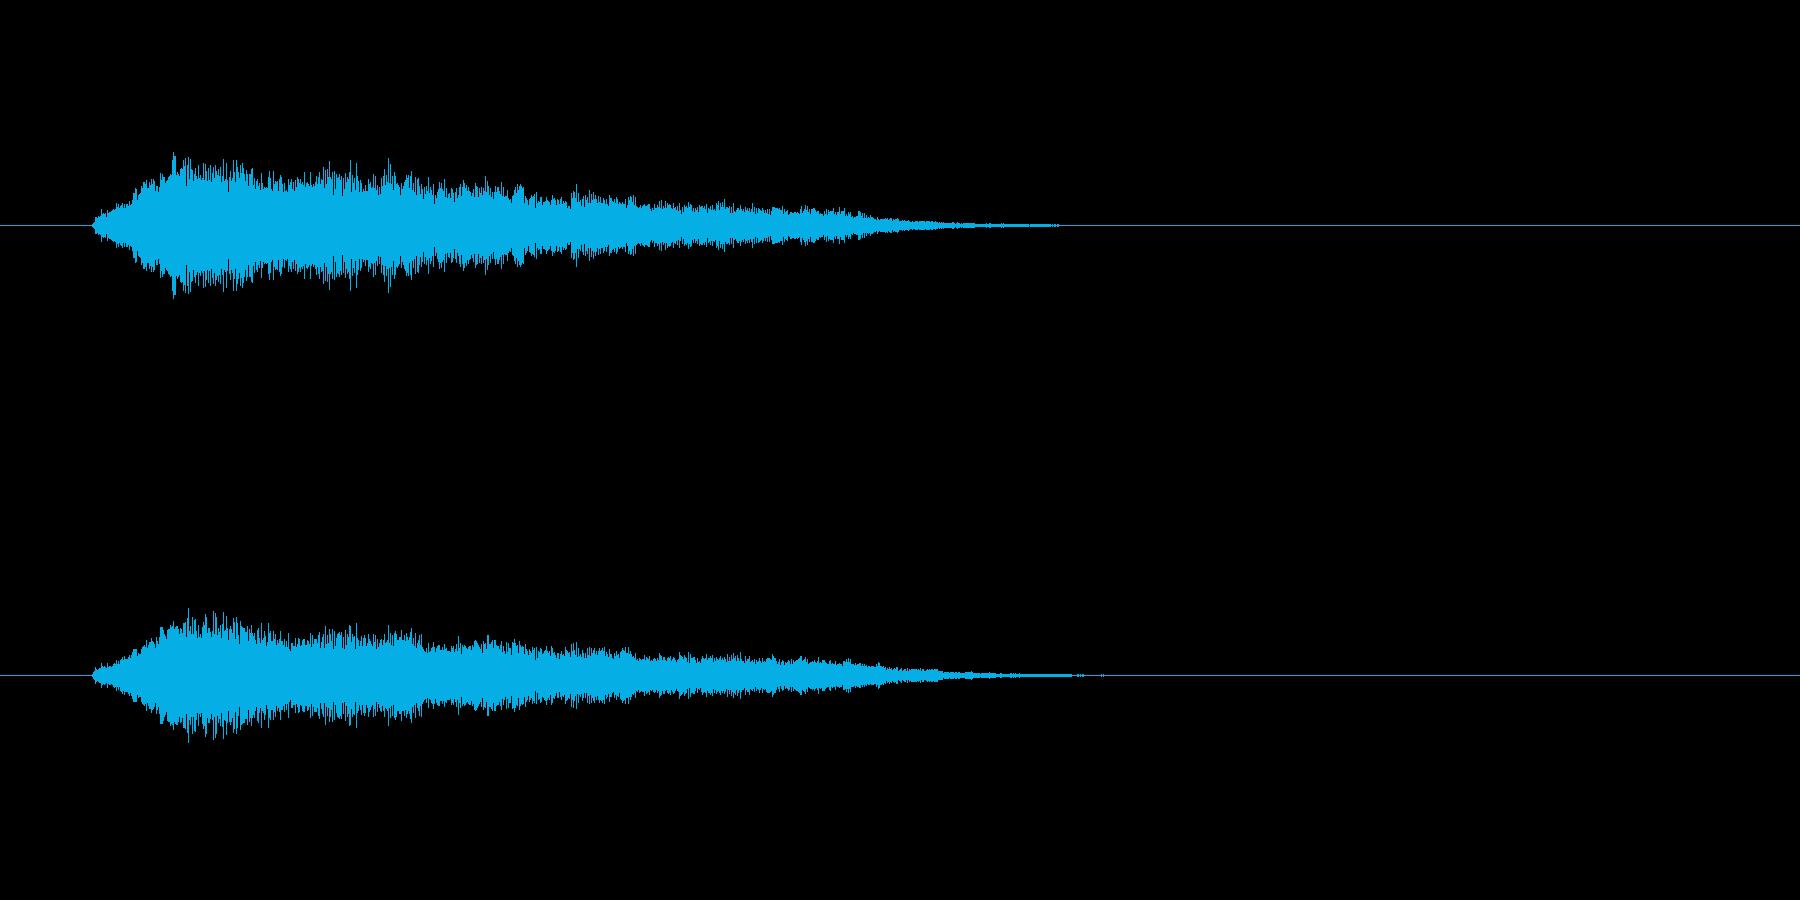 ジングル(SE系)の再生済みの波形